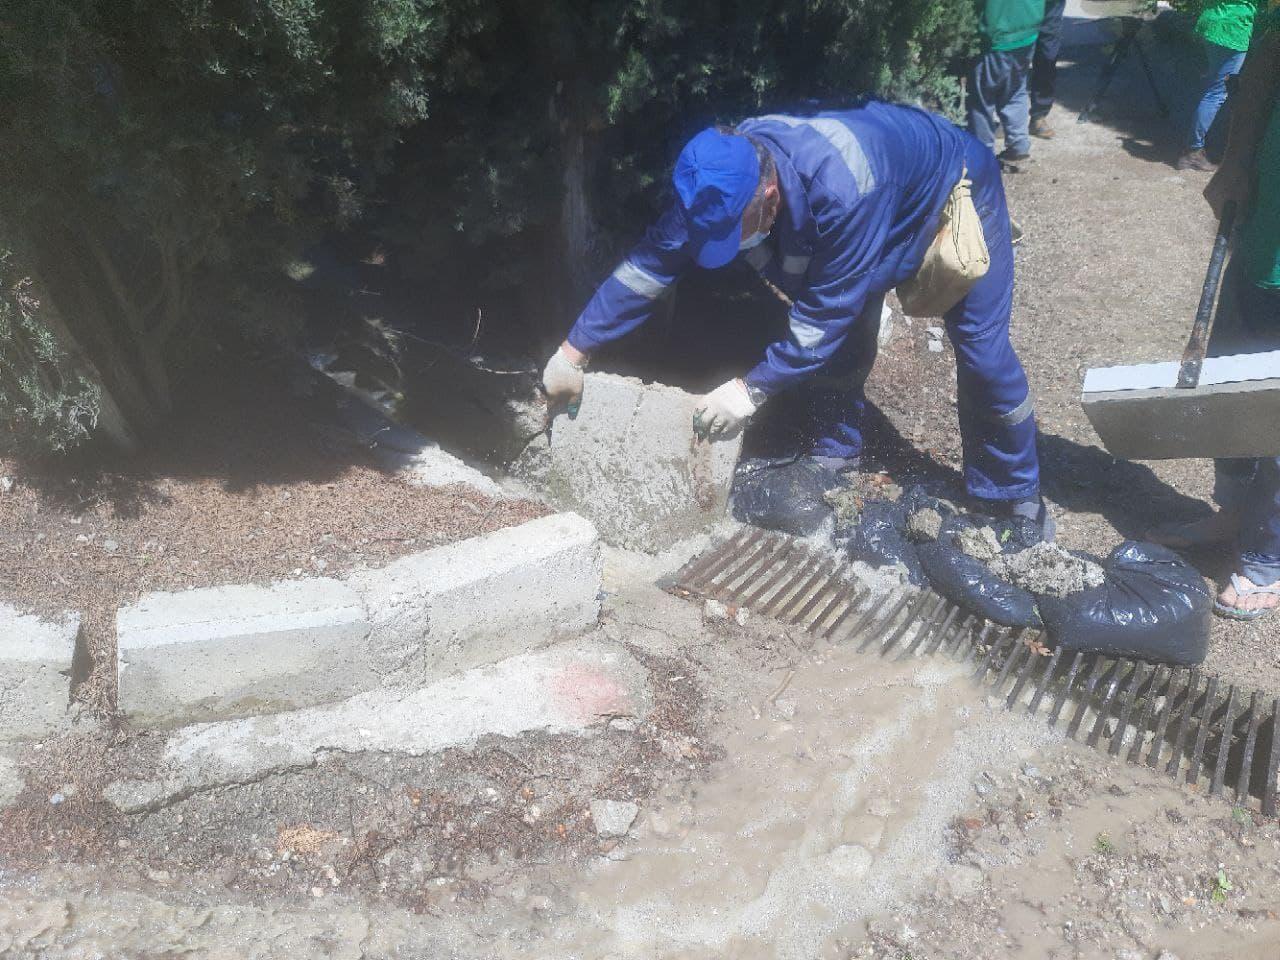 Один из застройщиков отправил свою технику для ликвидации последствий наводнения в Ялте